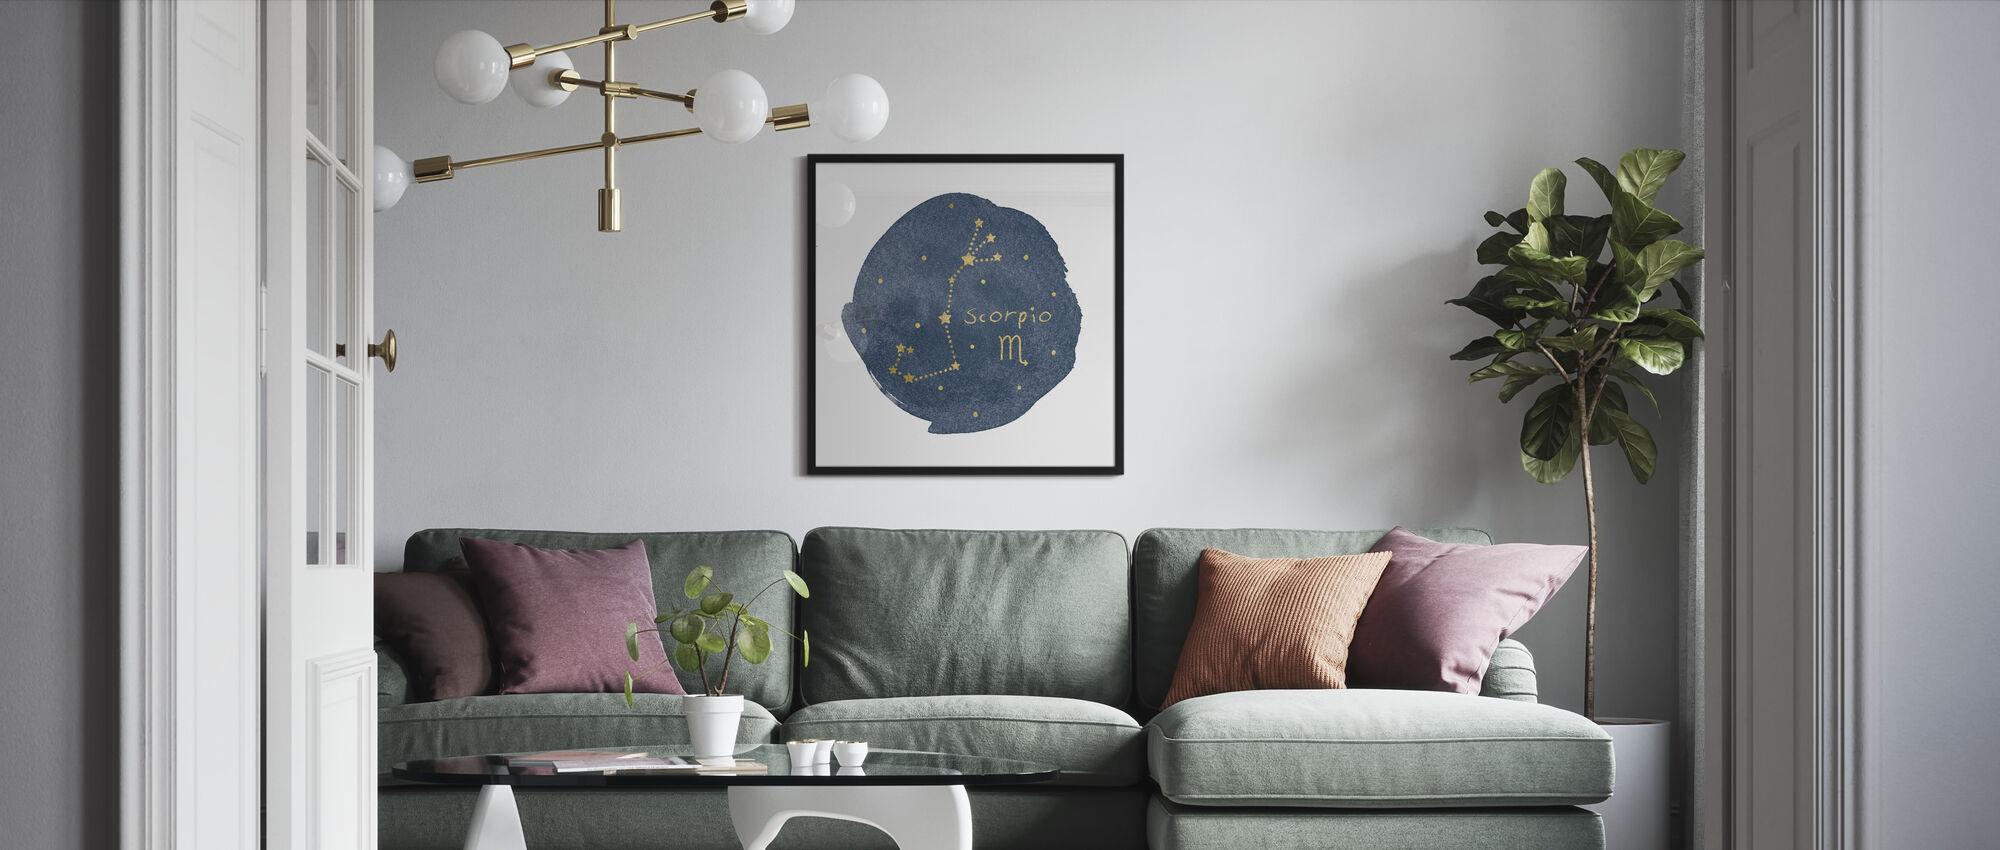 Horoskop Skorpionen - Innrammet bilde - Stue